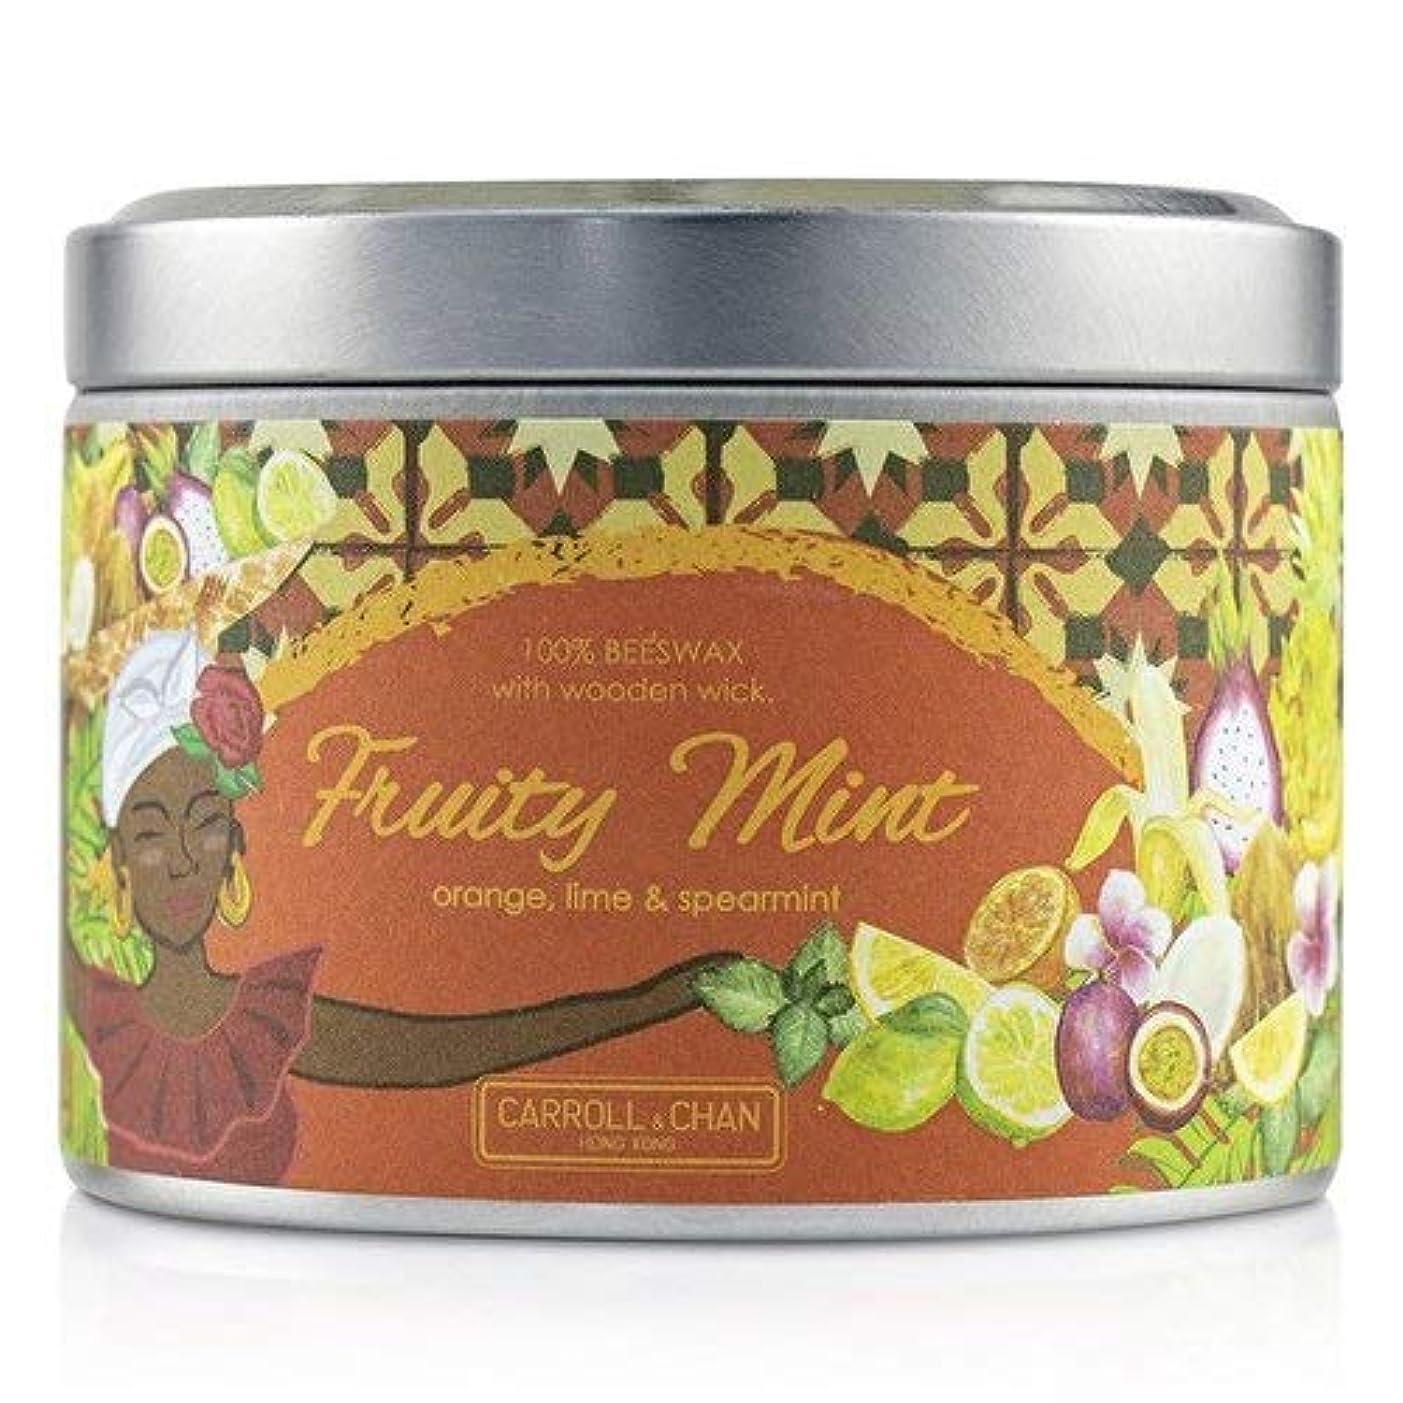 故意に厚くするアンドリューハリディキャンドル?カンパニー Tin Can 100% Beeswax Candle with Wooden Wick - Fruity Mint (8x5) cm並行輸入品